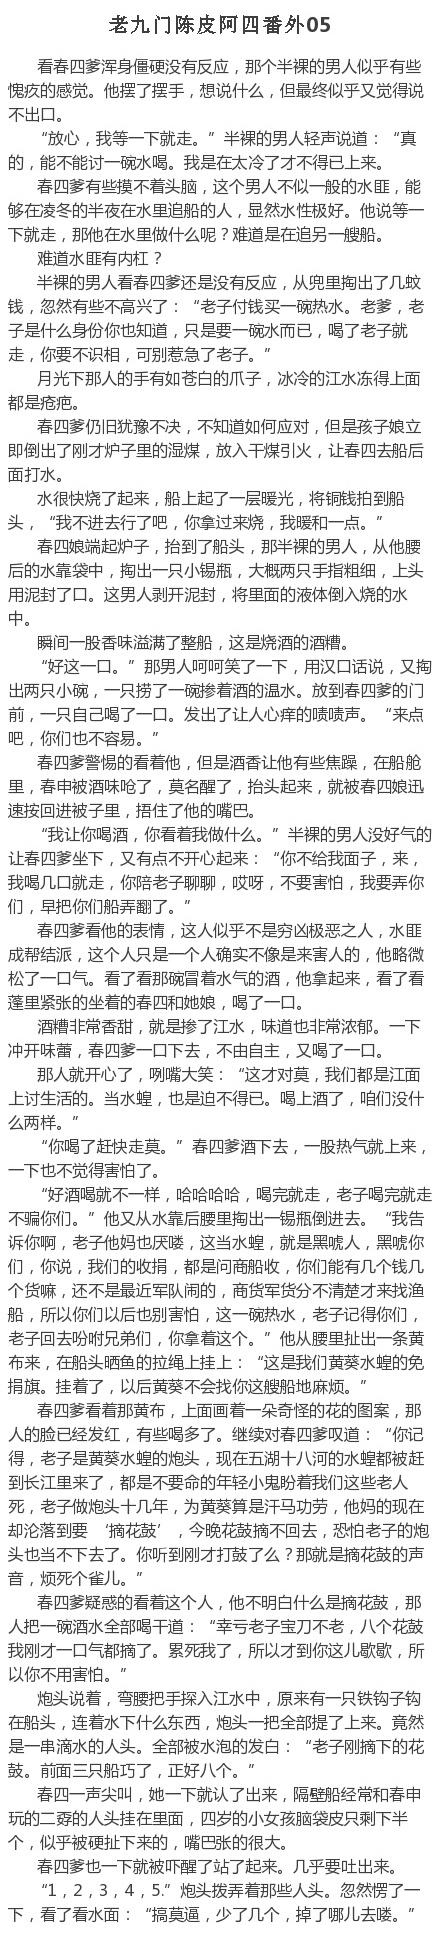 陈皮阿四番外第五章修改